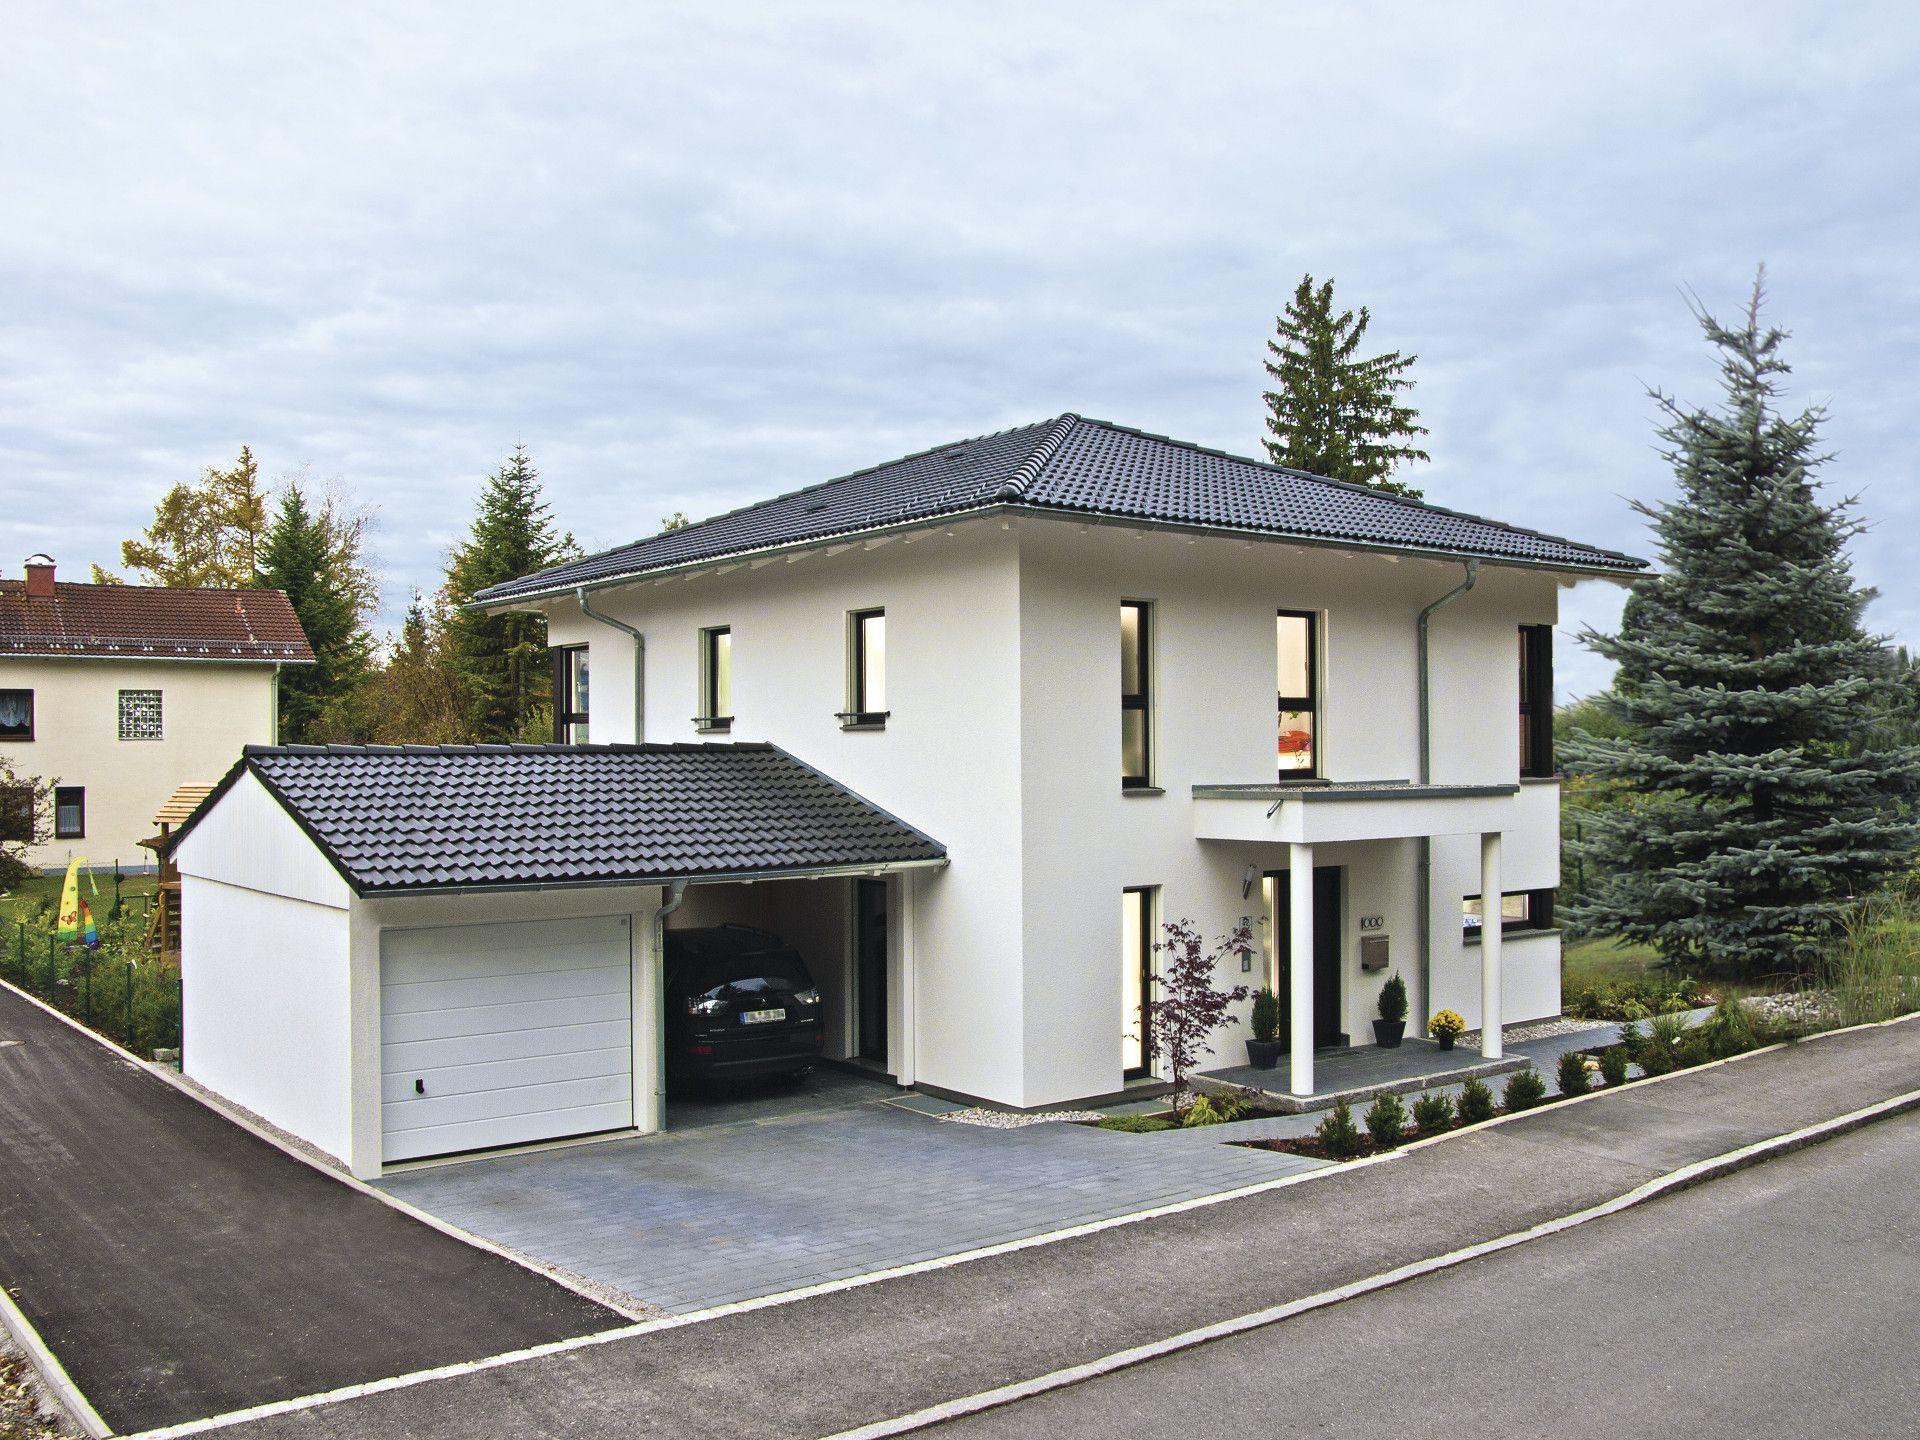 Haus CityLife 200 U2022 Ökohaus Biohaus Von WeberHaus U2022 Elegantes Stadthaus Mit  Walmdach, Dunklen